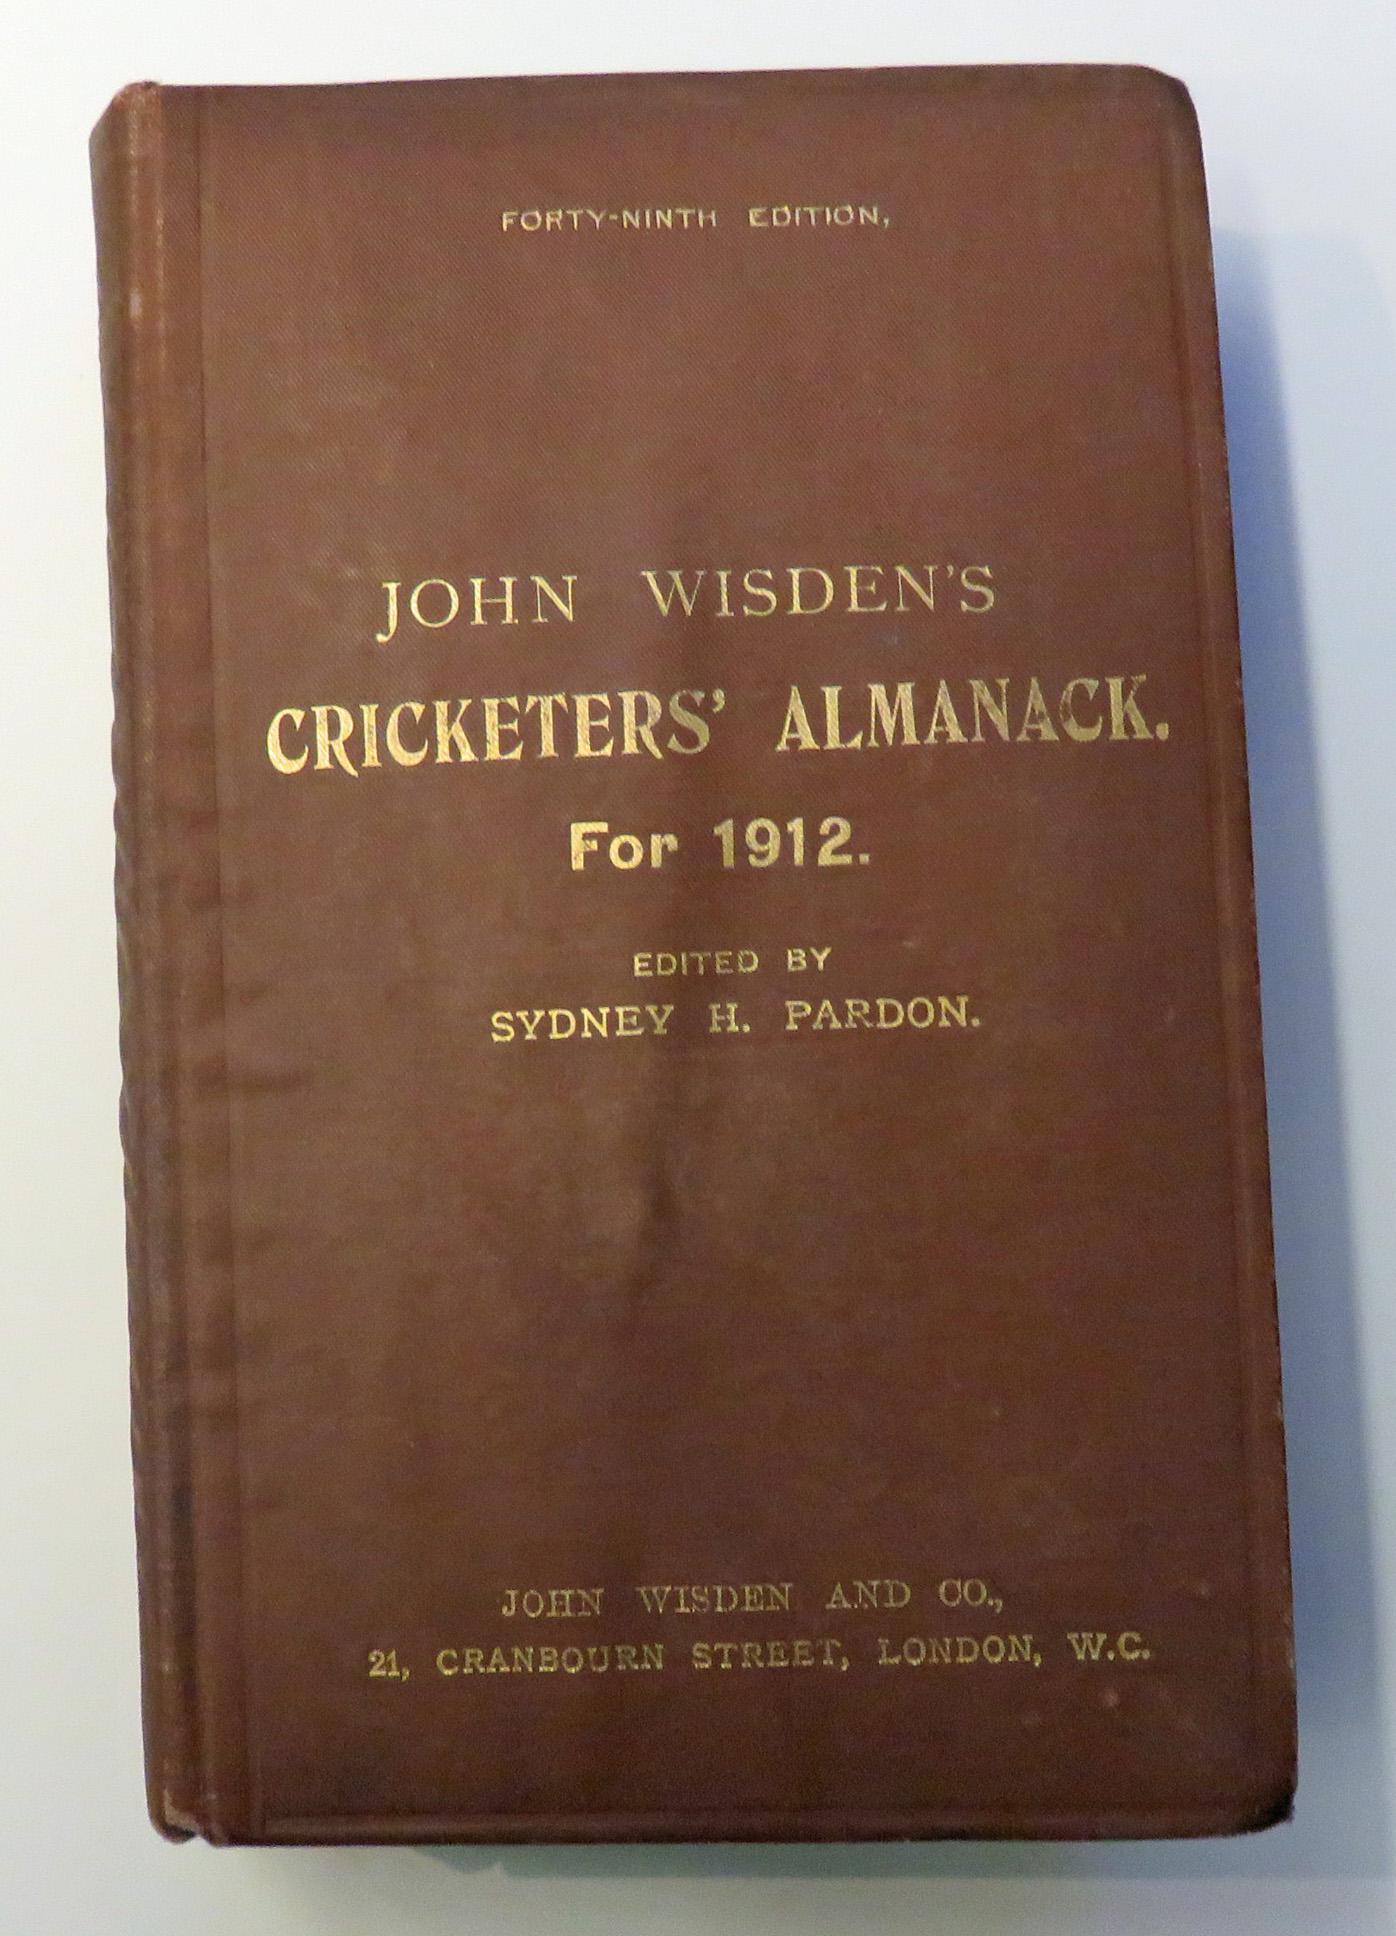 **John Wisden's Cricketers' Almanack For 1912